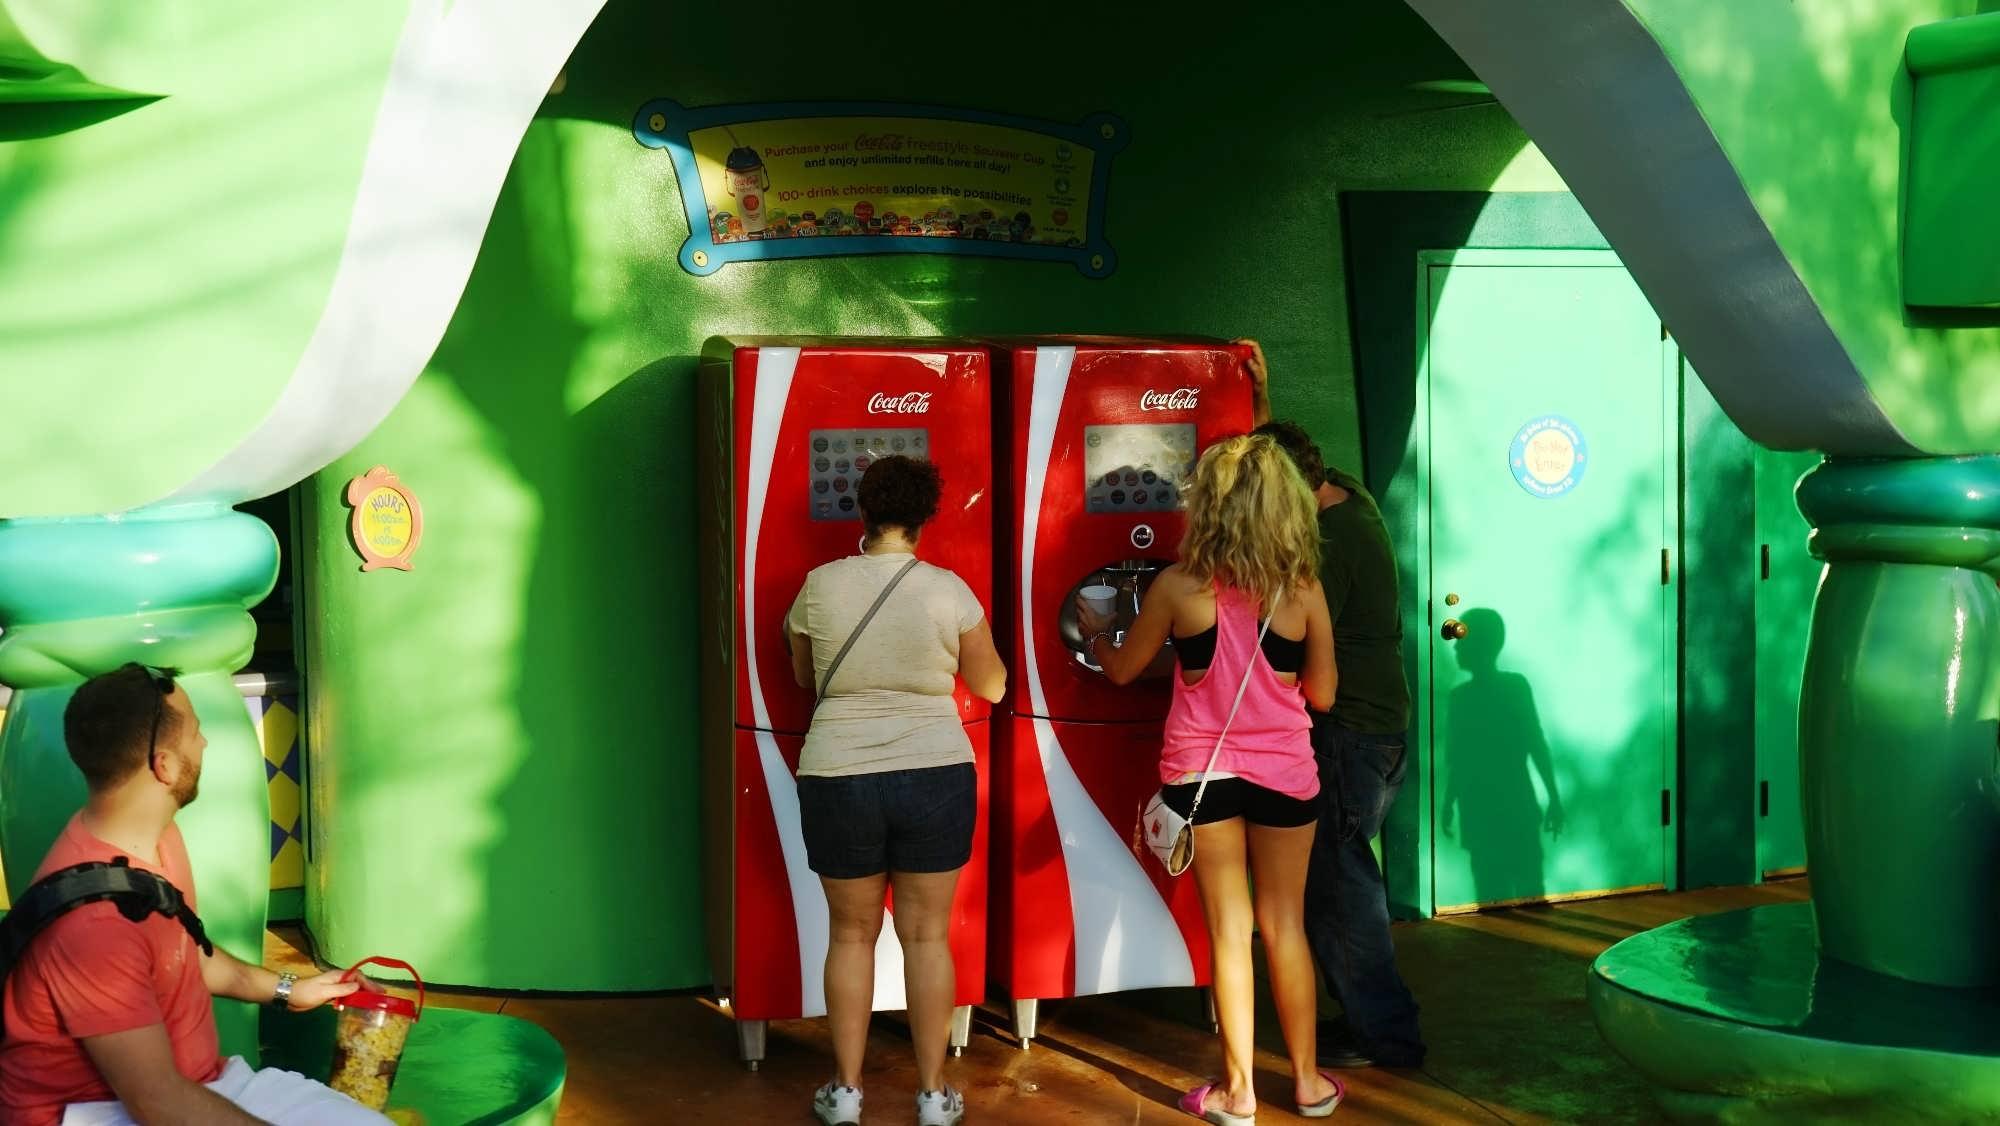 Coca-Cola Freestyle estação em Seuss Landing do IOA